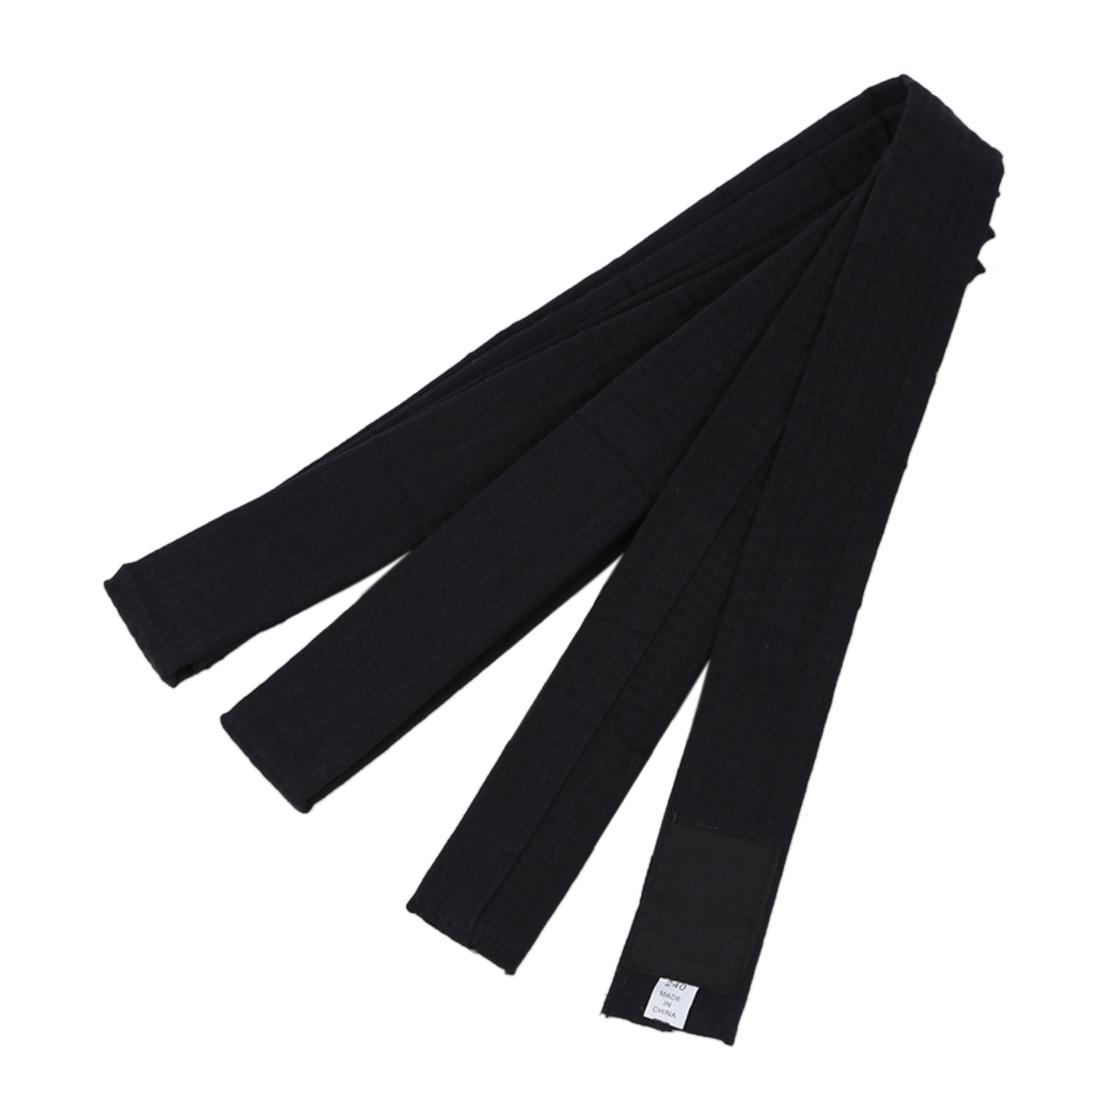 Arte-marcial-Karate-Cadena-de-taekwondo-Cinturon-negro-de-judo-W1K2